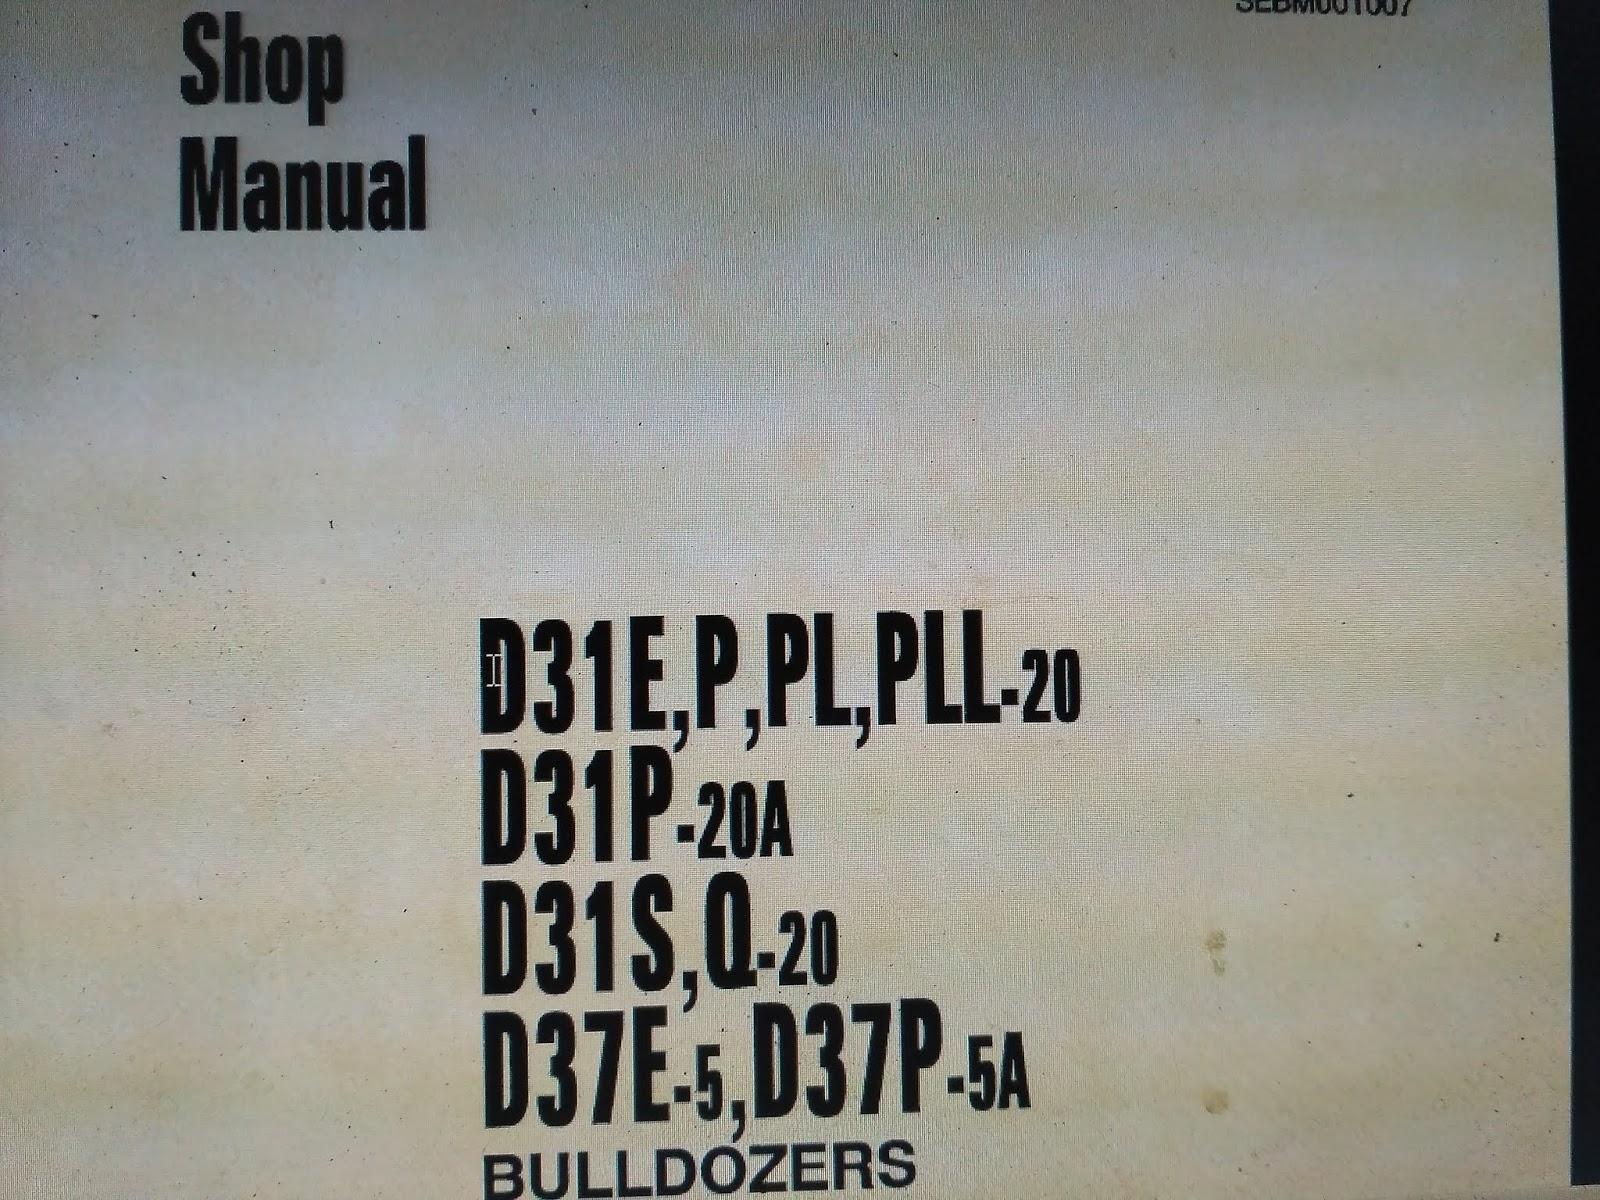 d31p 20a d31p 20 d37e 5 d37p 5 tersedia shop manual bulldozer komatsu d31p 20a d31p 20 d37e 5 d37p 5 serta menyediakan shop manual parts manual excavator  [ 1600 x 1200 Pixel ]